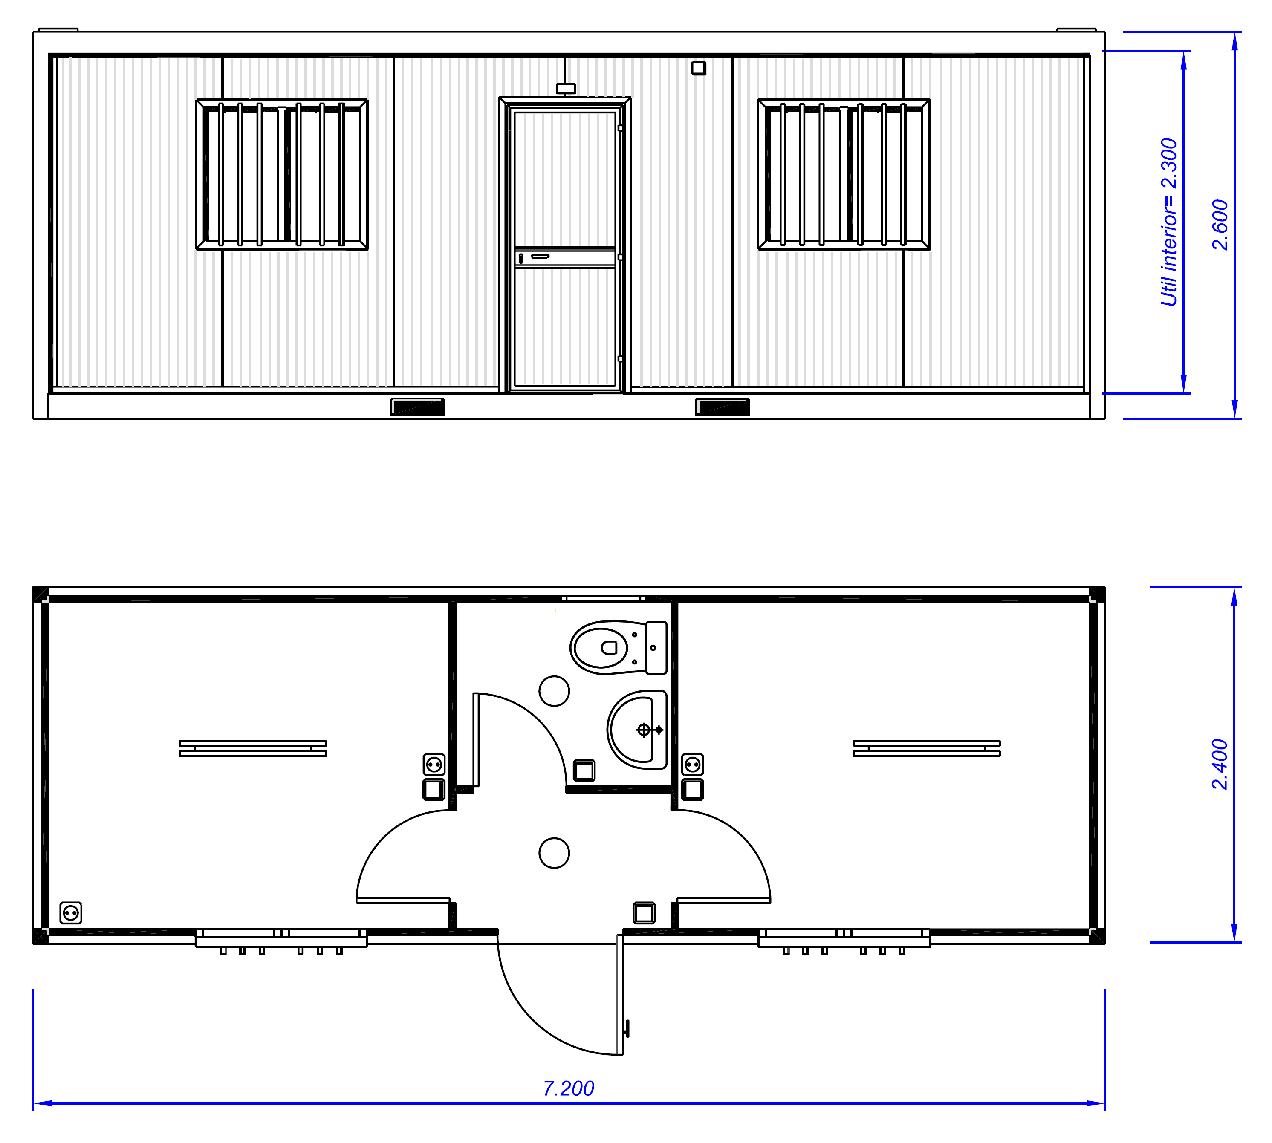 Plano m dulo prefabricado ofac77 zarca for Escritorios para oficina dimensiones